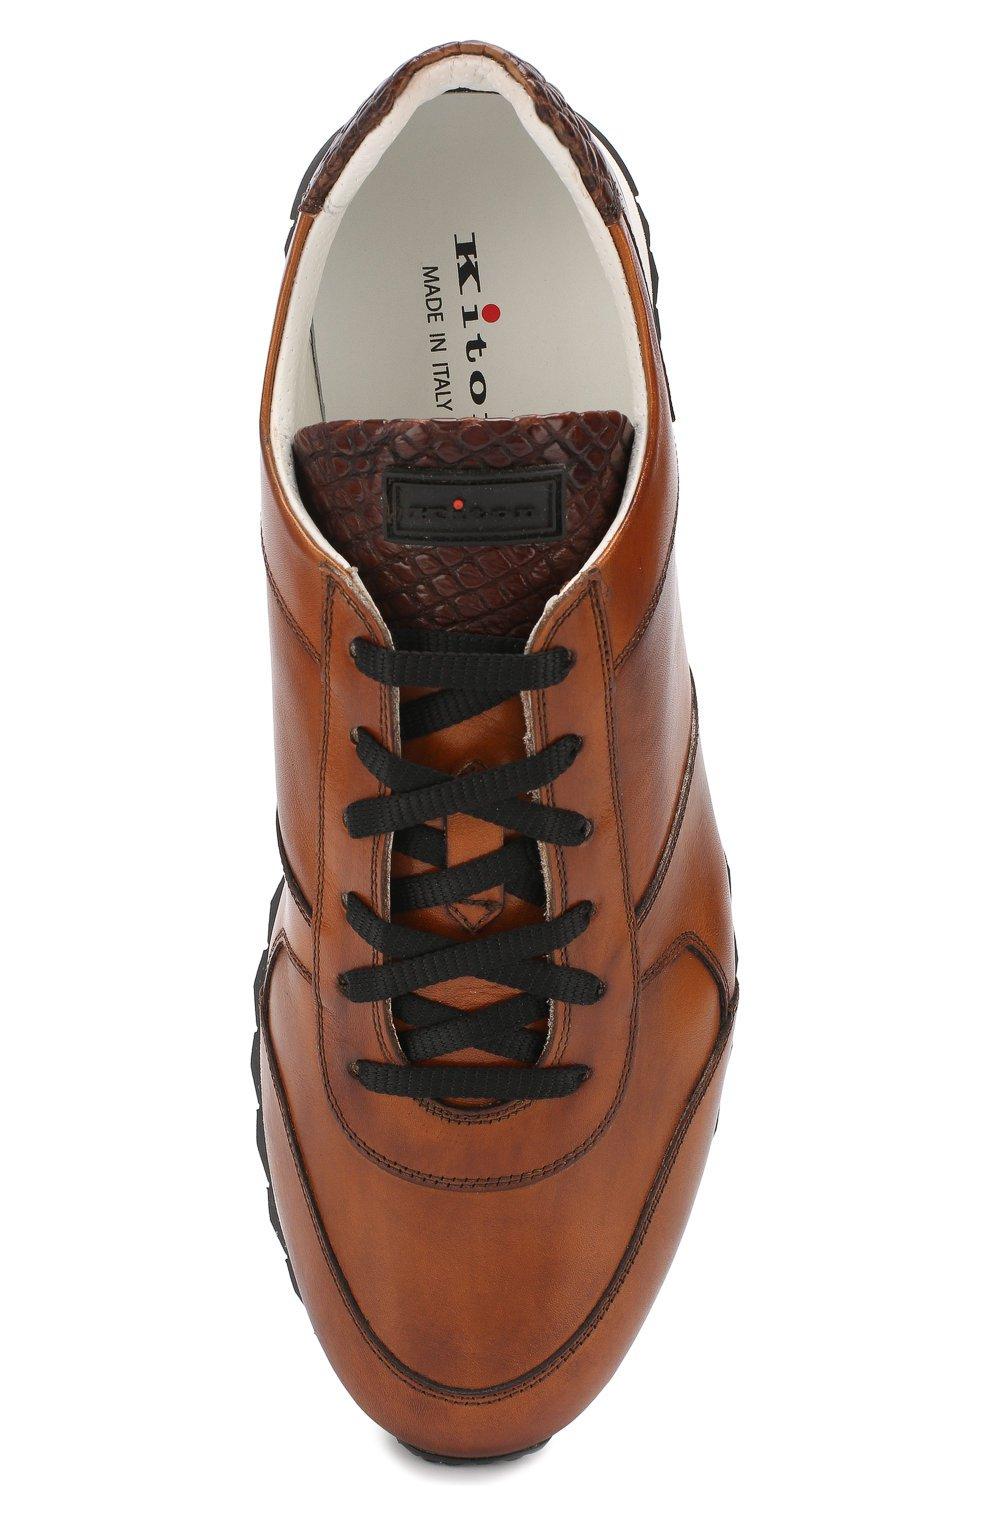 Мужские светло-коричневые кожаные кроссовки с отделкой из кожи крокодила KITON — купить за 75900 руб. в интернет-магазине ЦУМ, арт. USSB0RIN00038